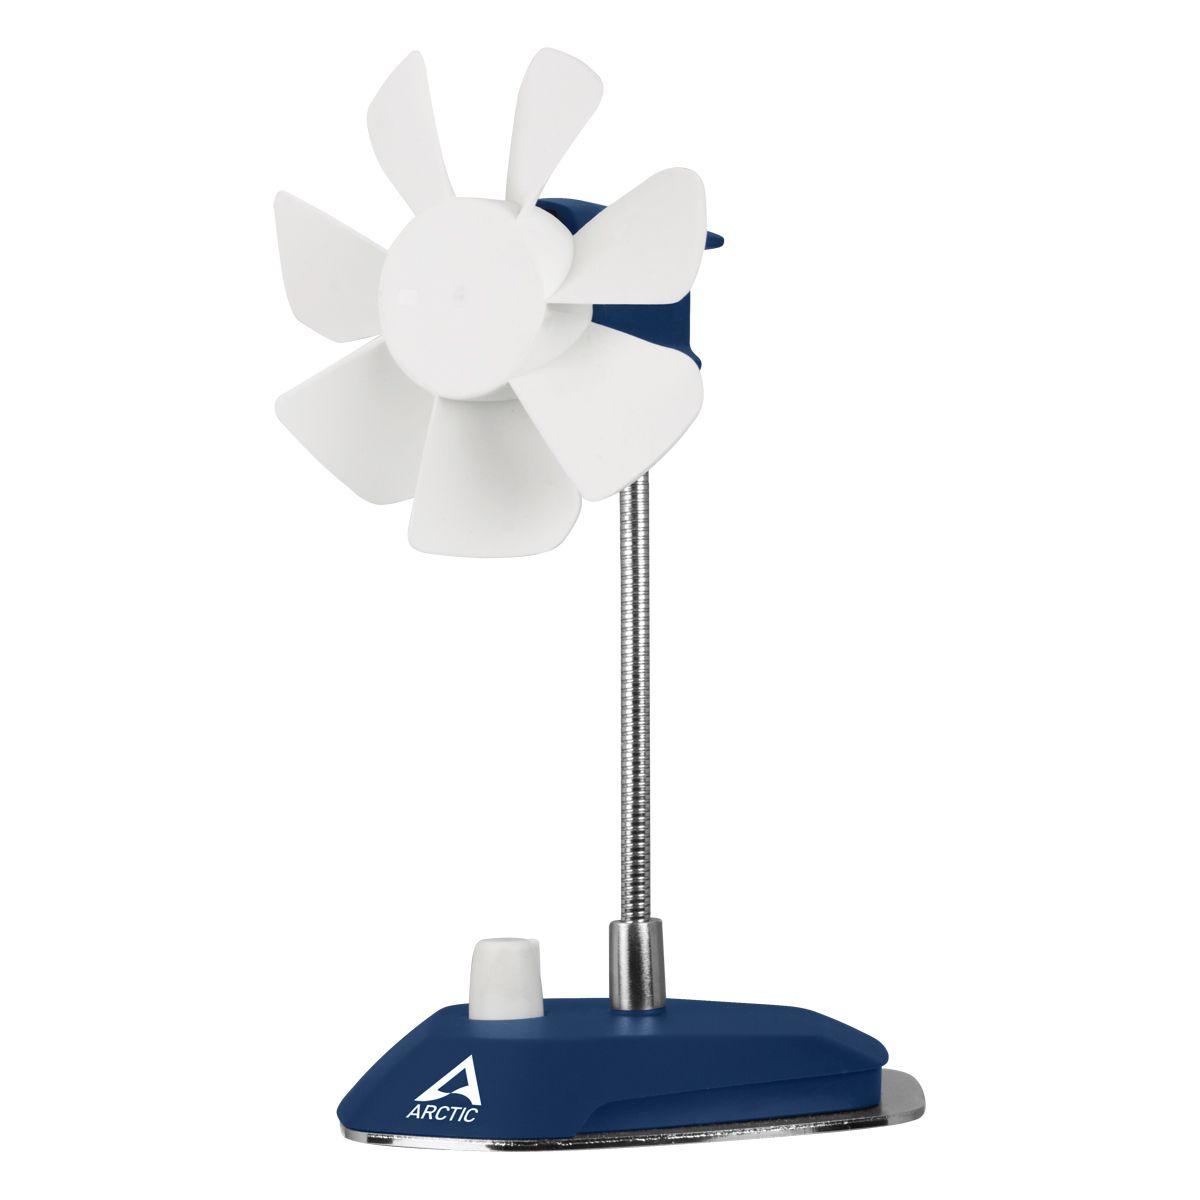 ARCTIC AEBRZ00020A ventilator Blauw, Wit